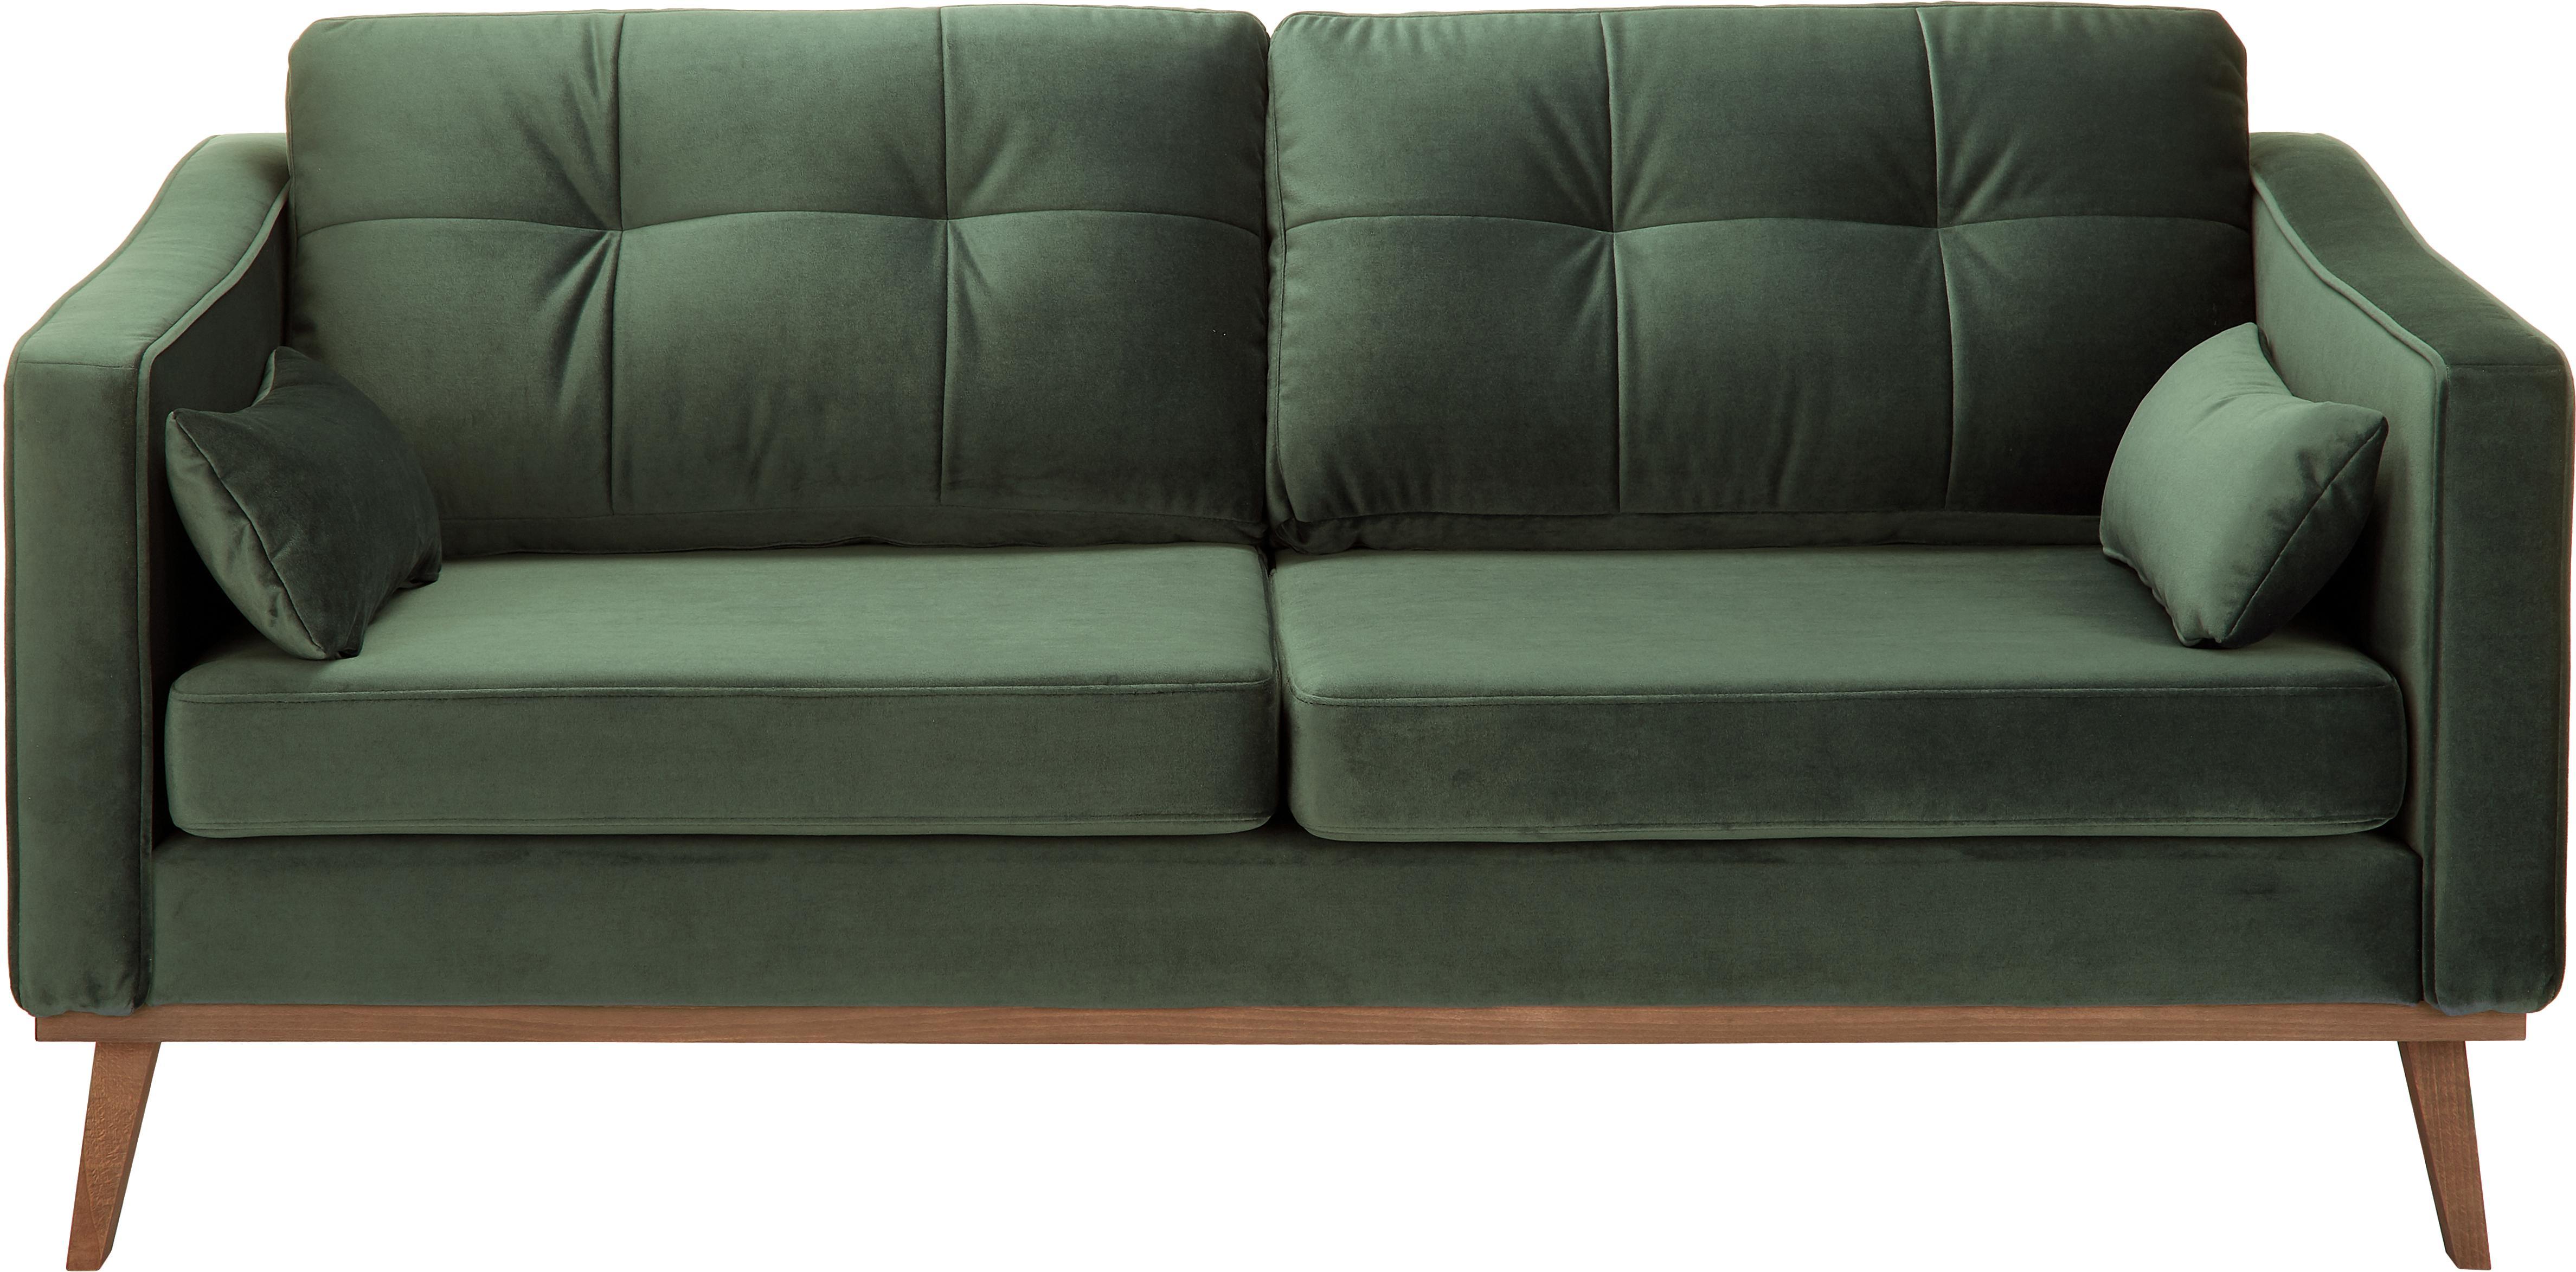 Fluwelen bank Alva (2-zits), Bekleding: fluweel (hoogwaardig poly, Frame: massief grenenhout, Poten: massief gebeitst beukenho, Olijfkleurig, B 184 x D 92 cm